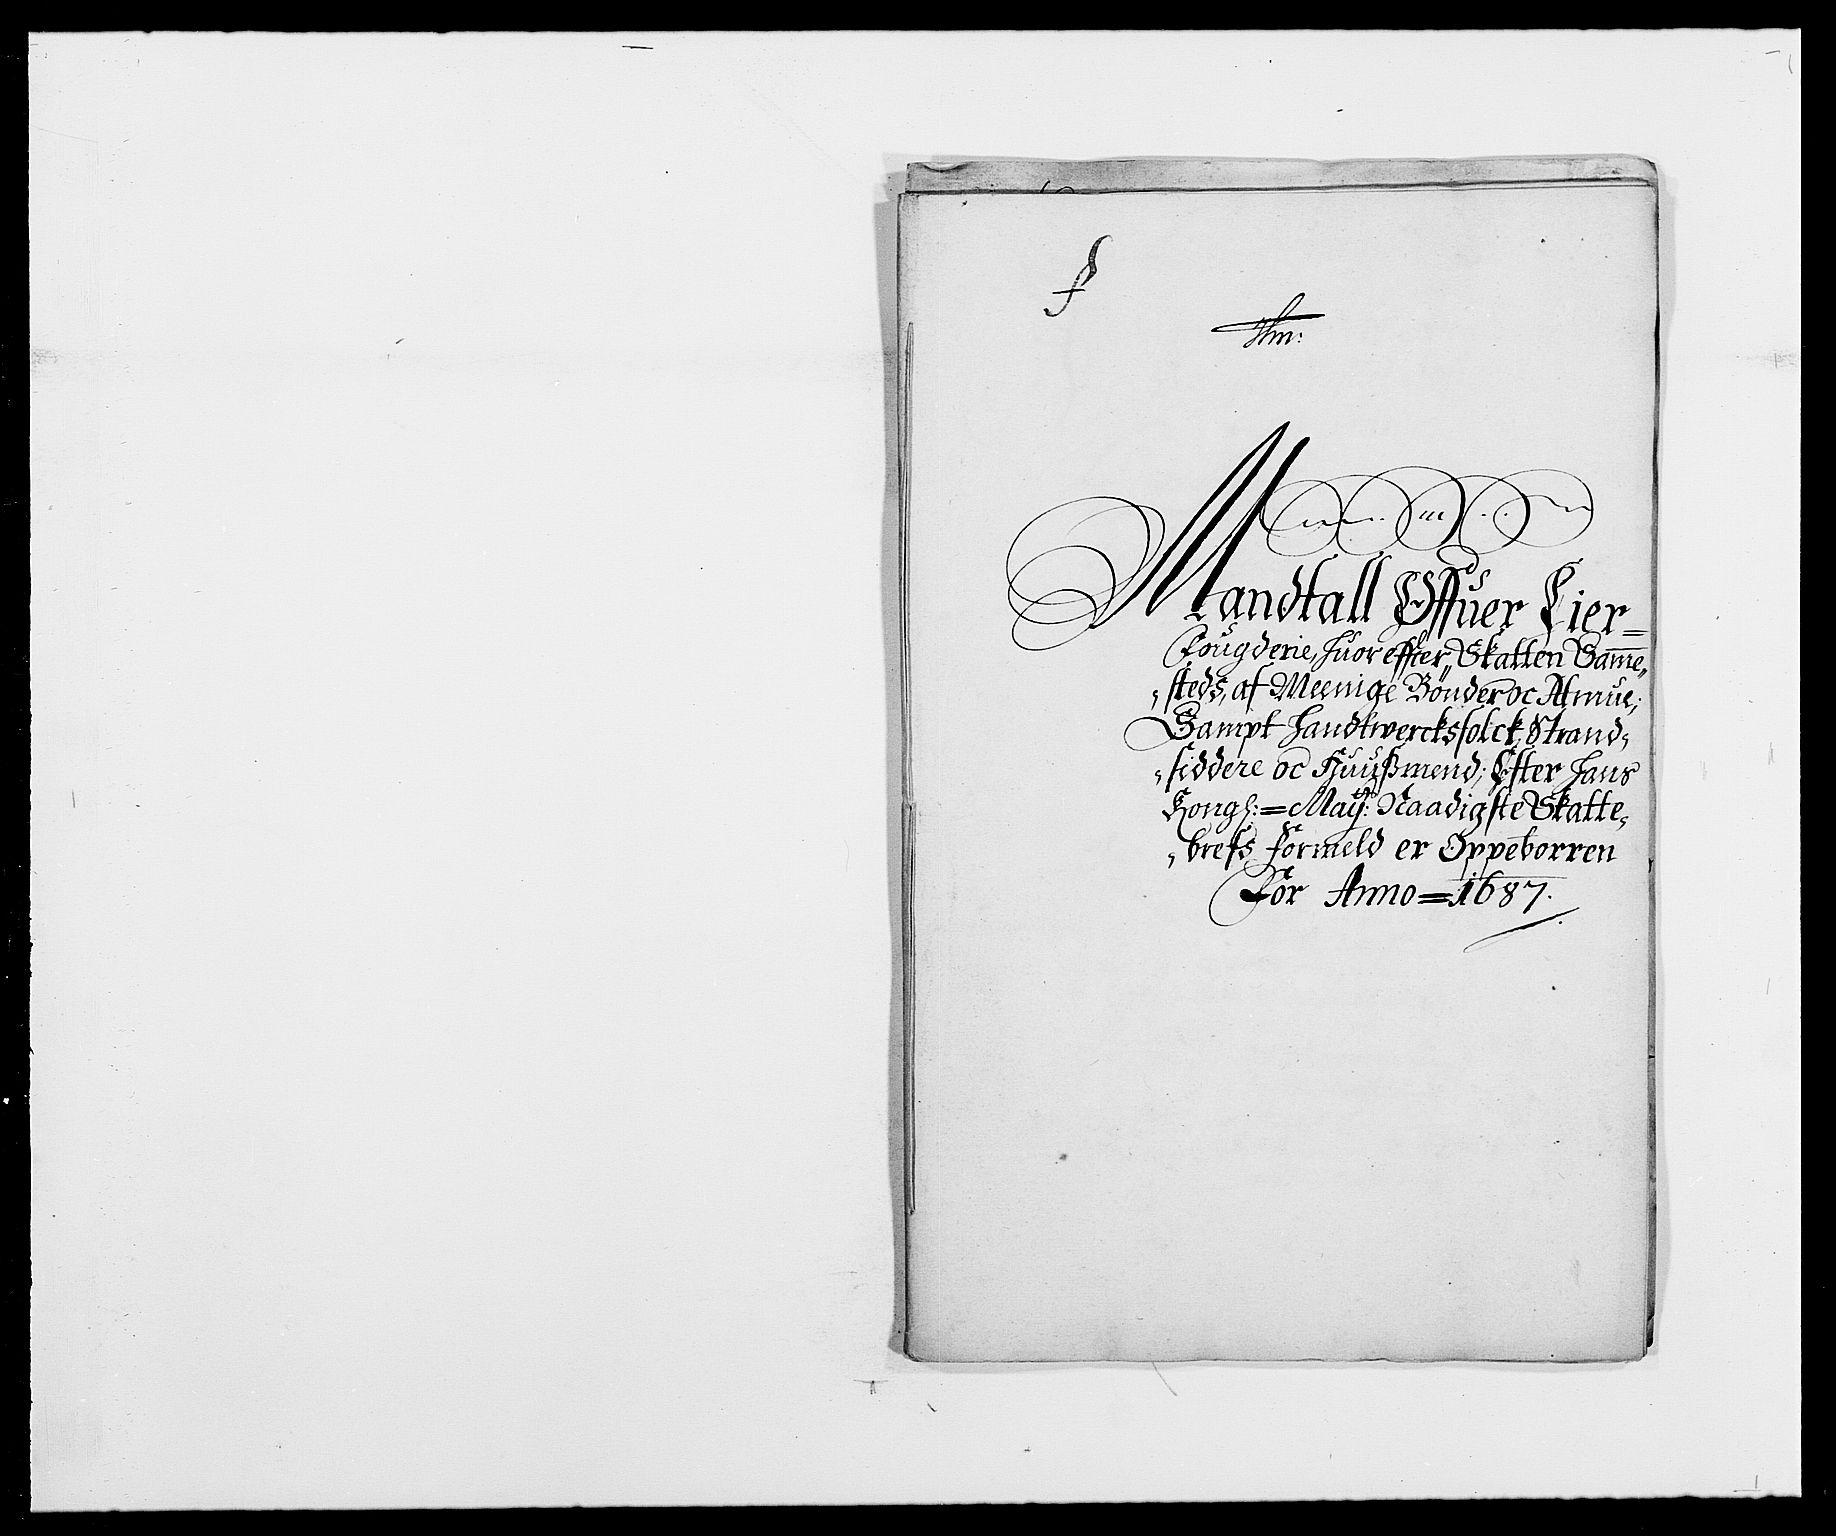 RA, Rentekammeret inntil 1814, Reviderte regnskaper, Fogderegnskap, R28/L1688: Fogderegnskap Eiker og Lier, 1687-1689, s. 42